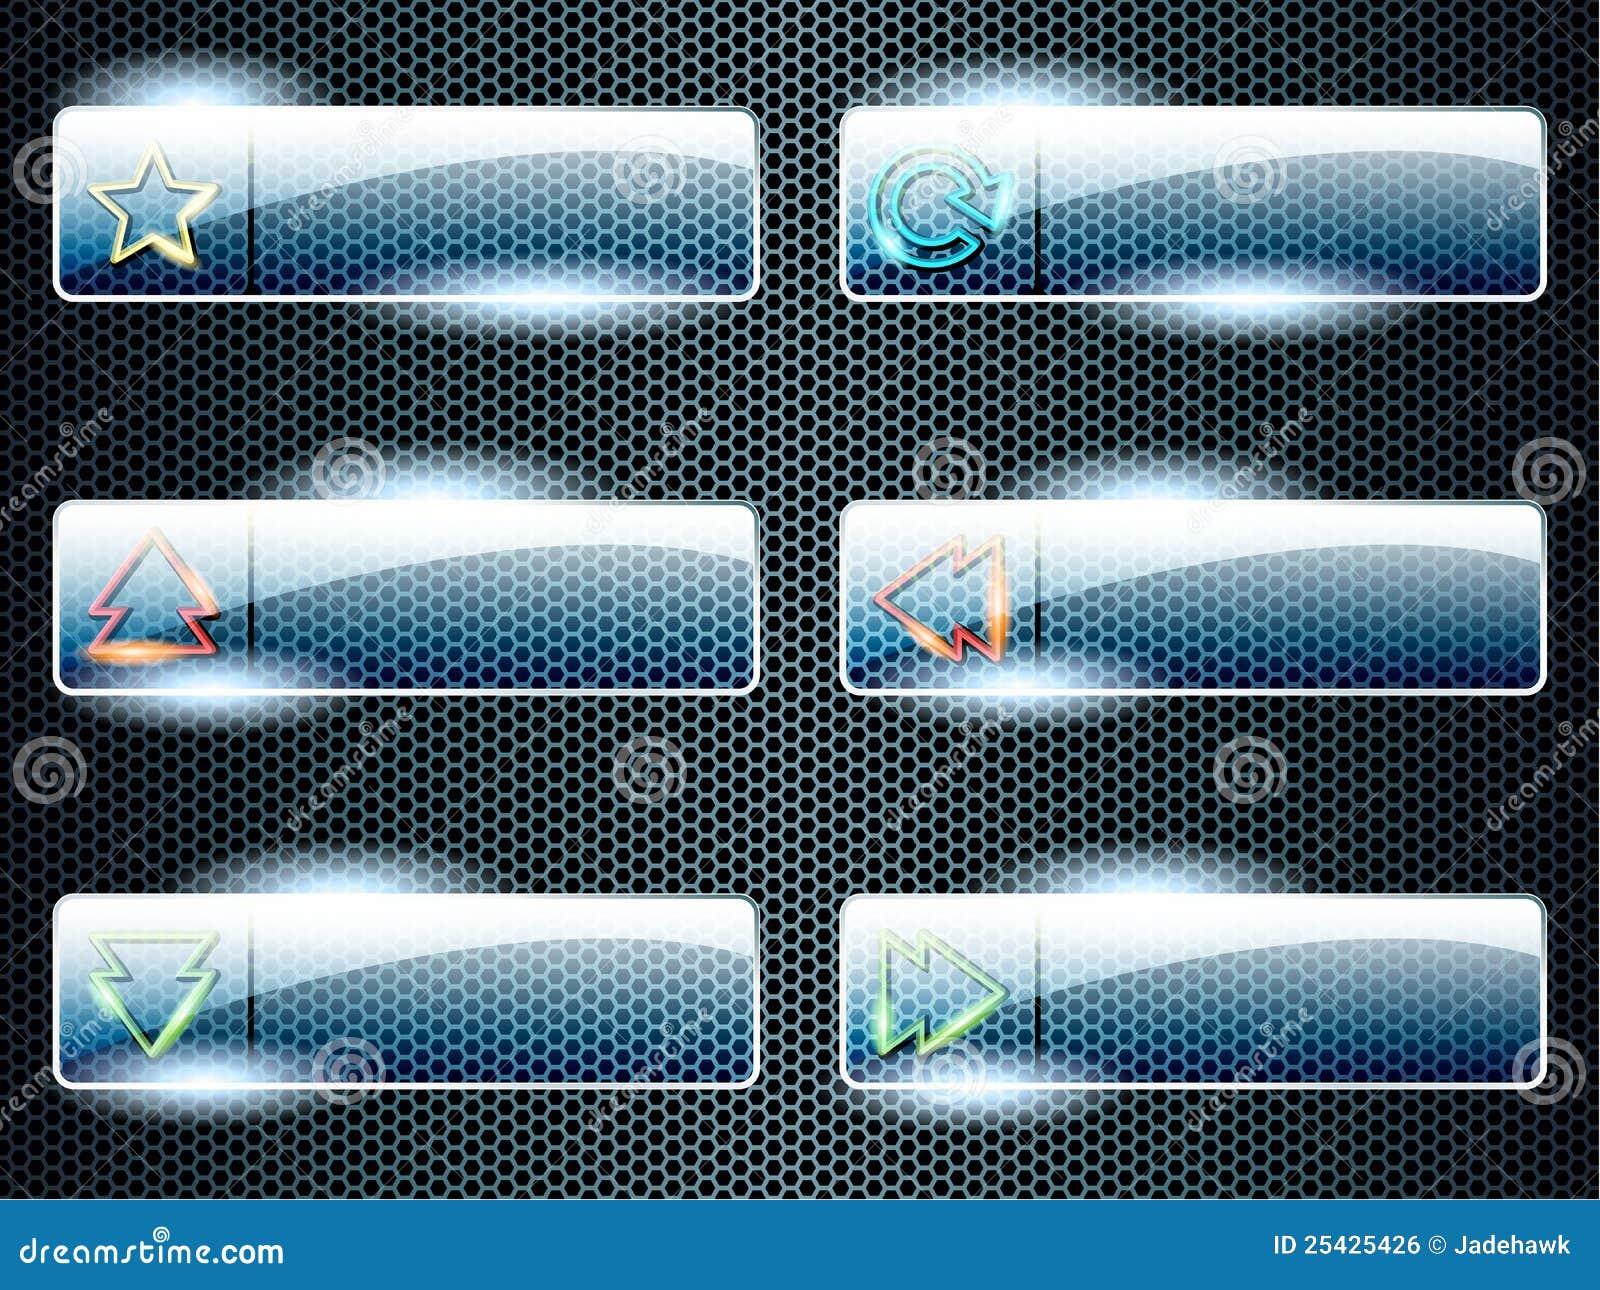 Buttons glass rektangulärt genomskinligt